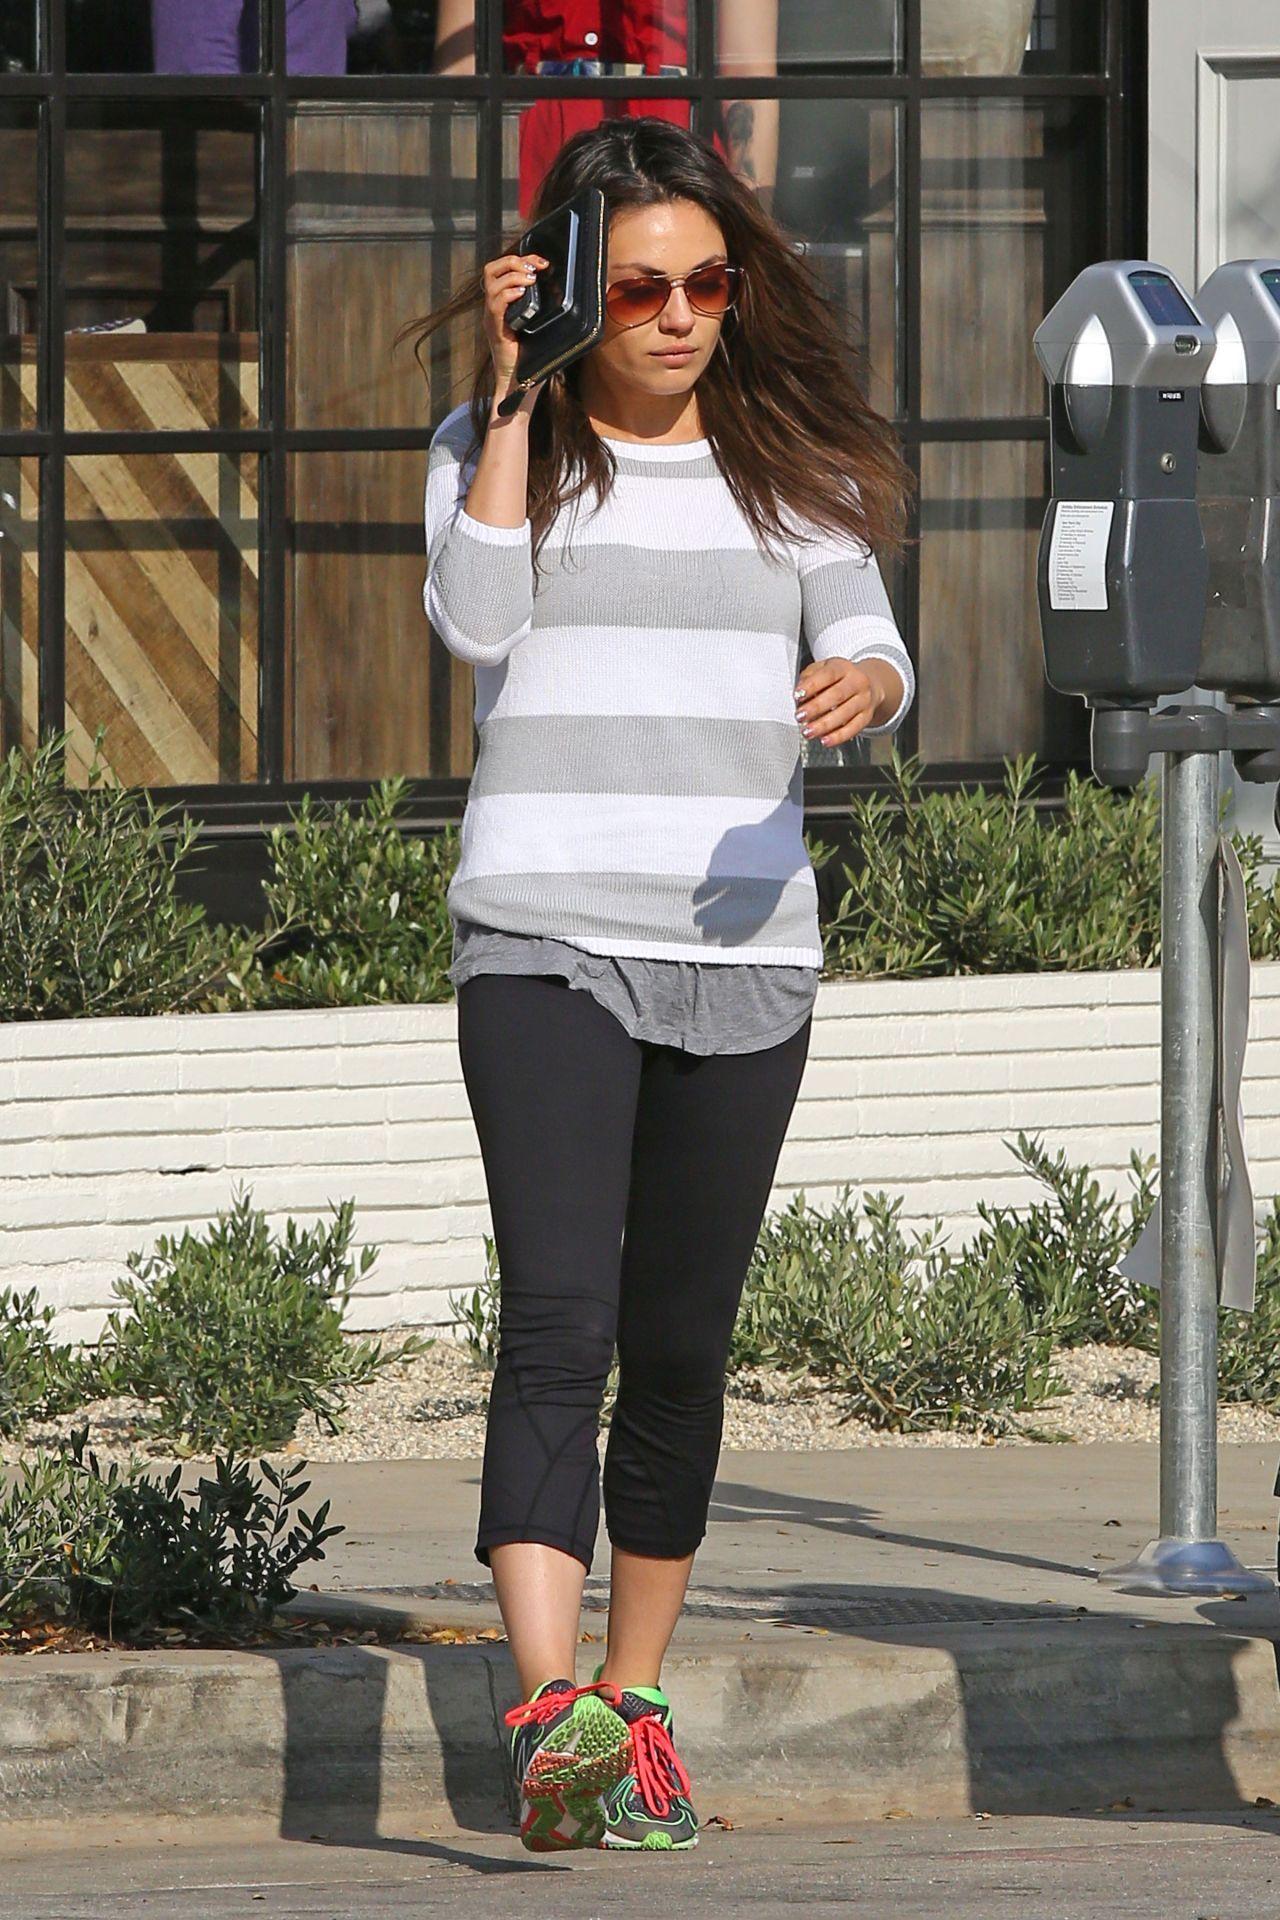 Mila Kunis Street Style In Spandex Out In La January 2014 Mila